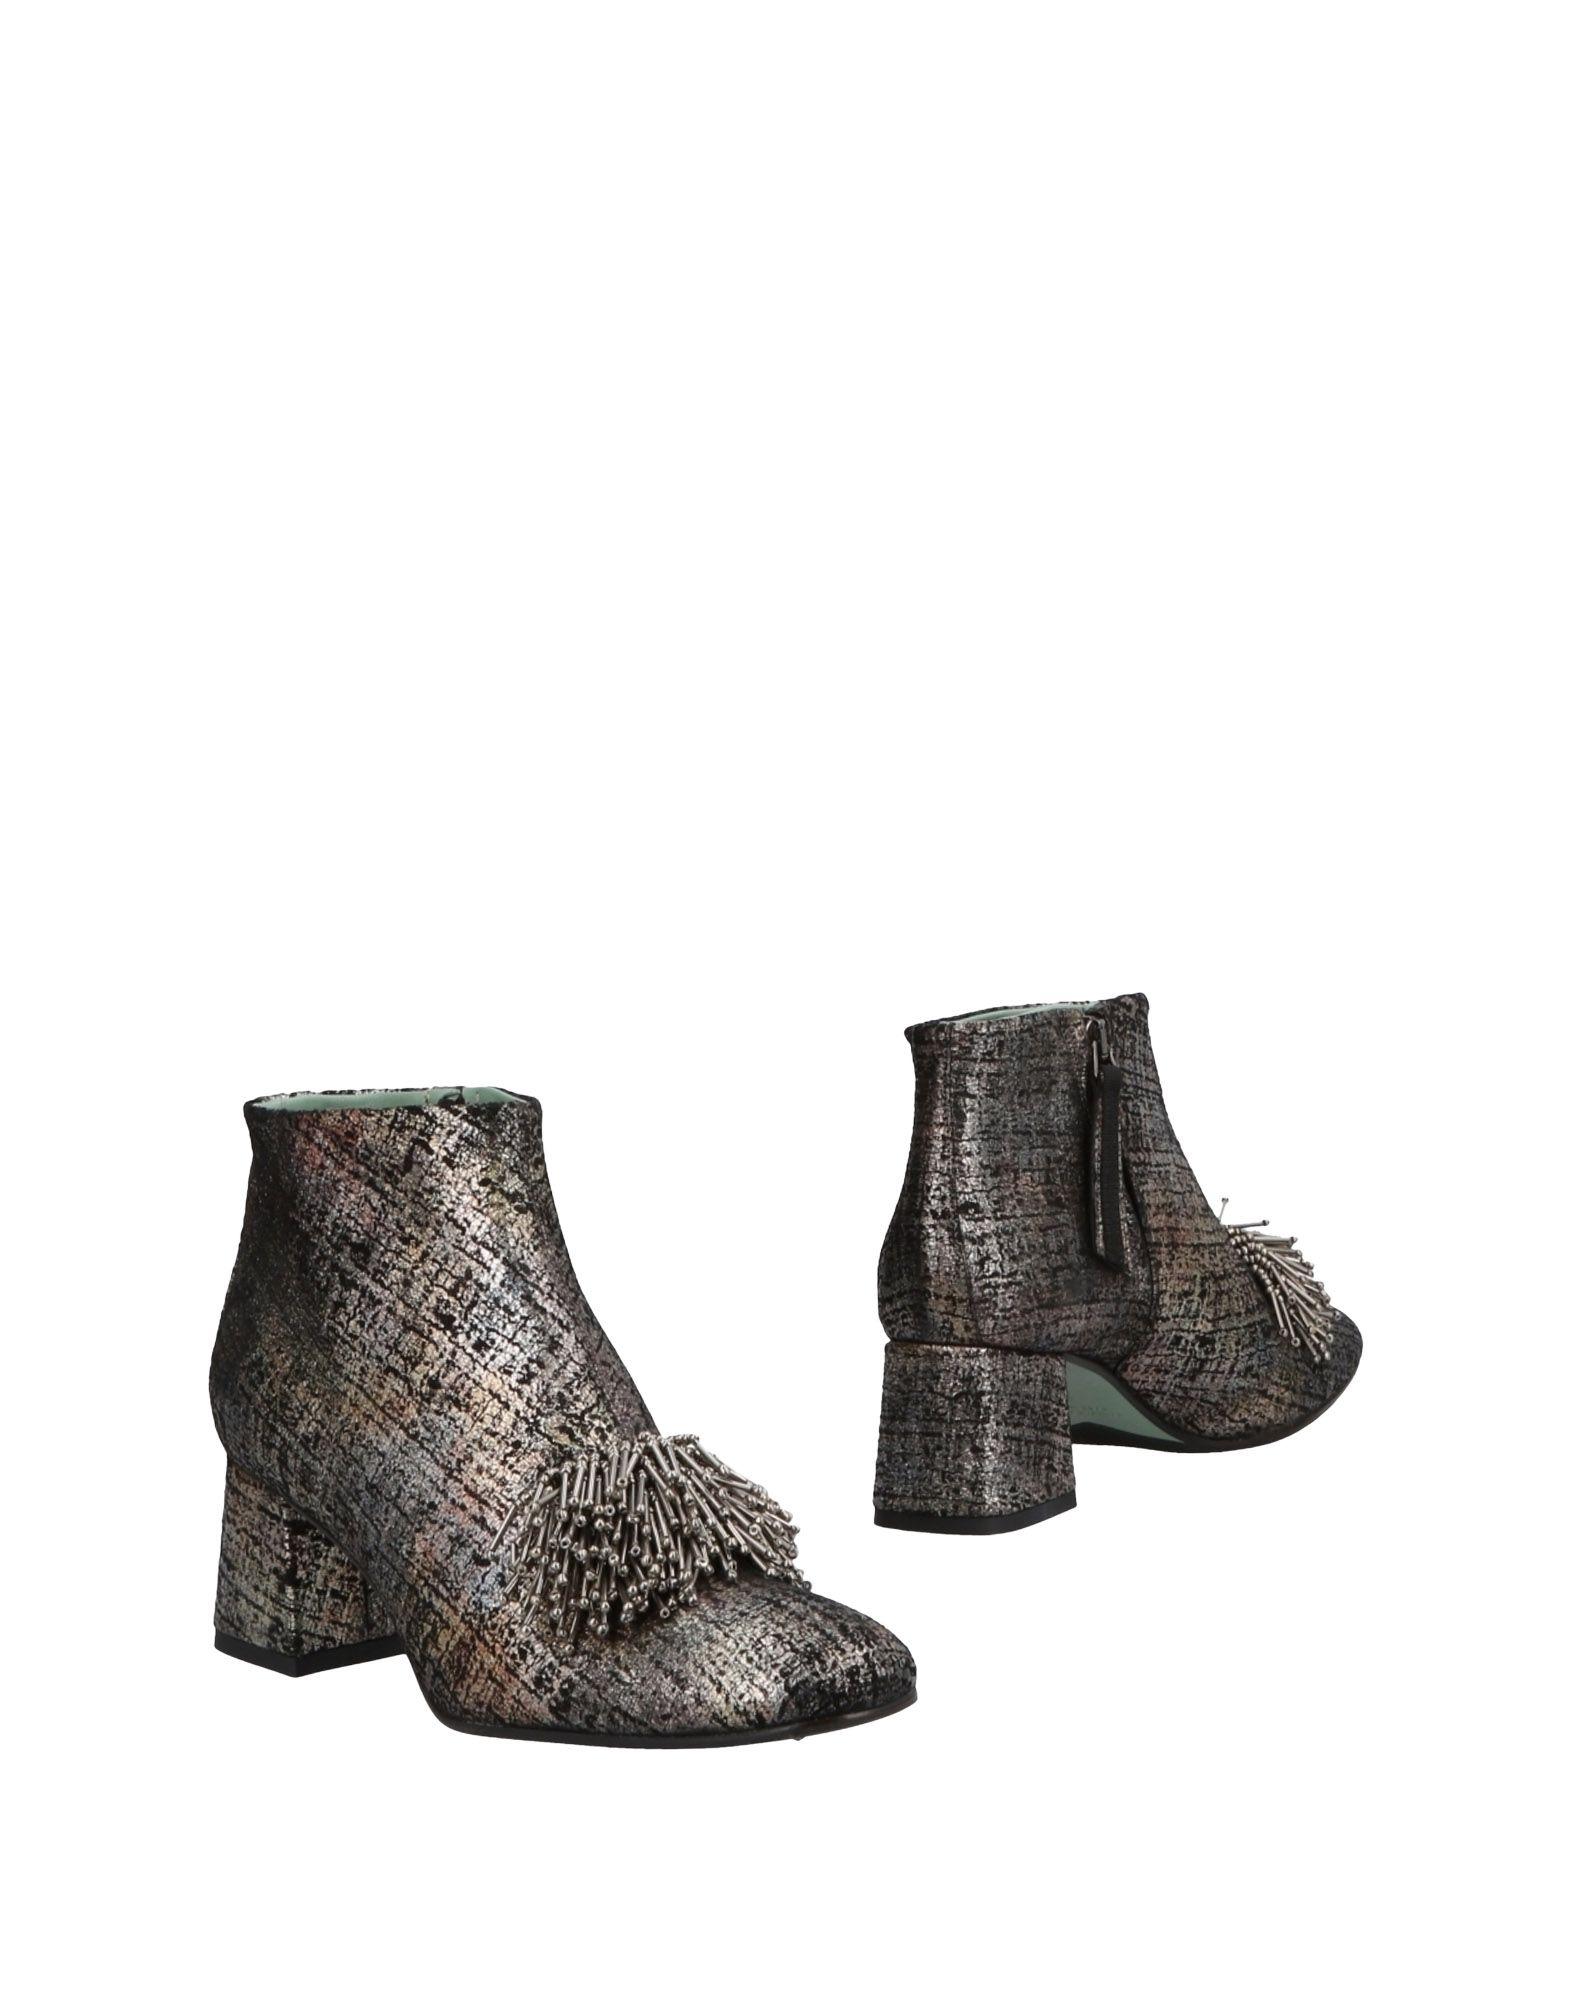 Paola D'arcano Stiefelette 11482331GJGut Damen  11482331GJGut Stiefelette aussehende strapazierfähige Schuhe d198c9